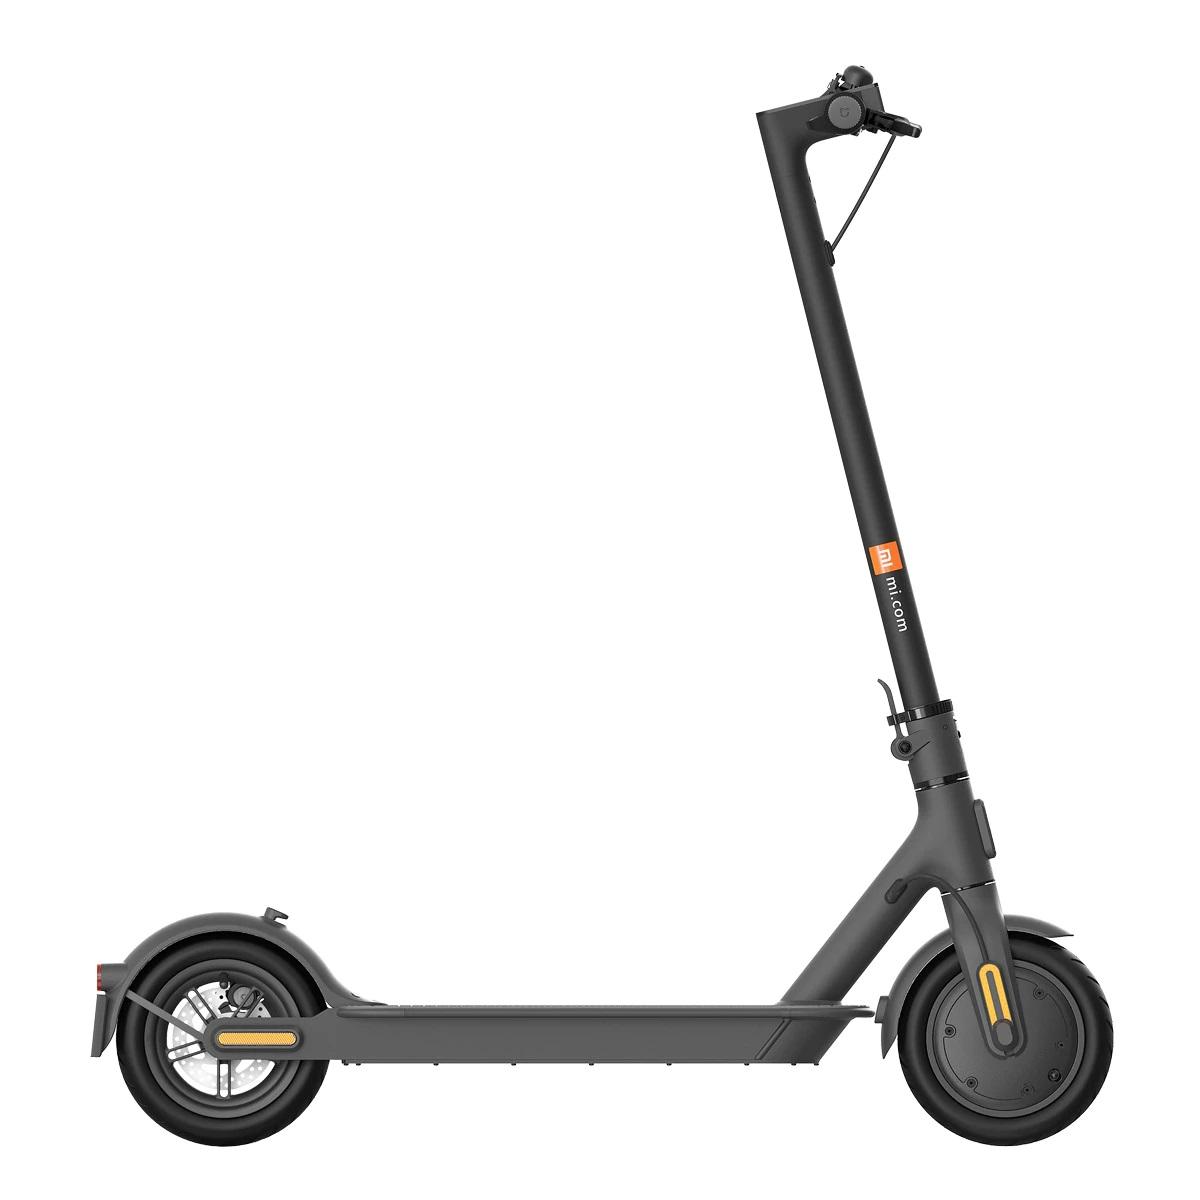 Patinete eléctrico Xiaomi Mi Scooter 1S negro, Distancia de conducción de hasta 30 km, Sistema de doble frenado equipado con freno regenerativo, Plegado fácil y rápido en tan solo 3 segundos